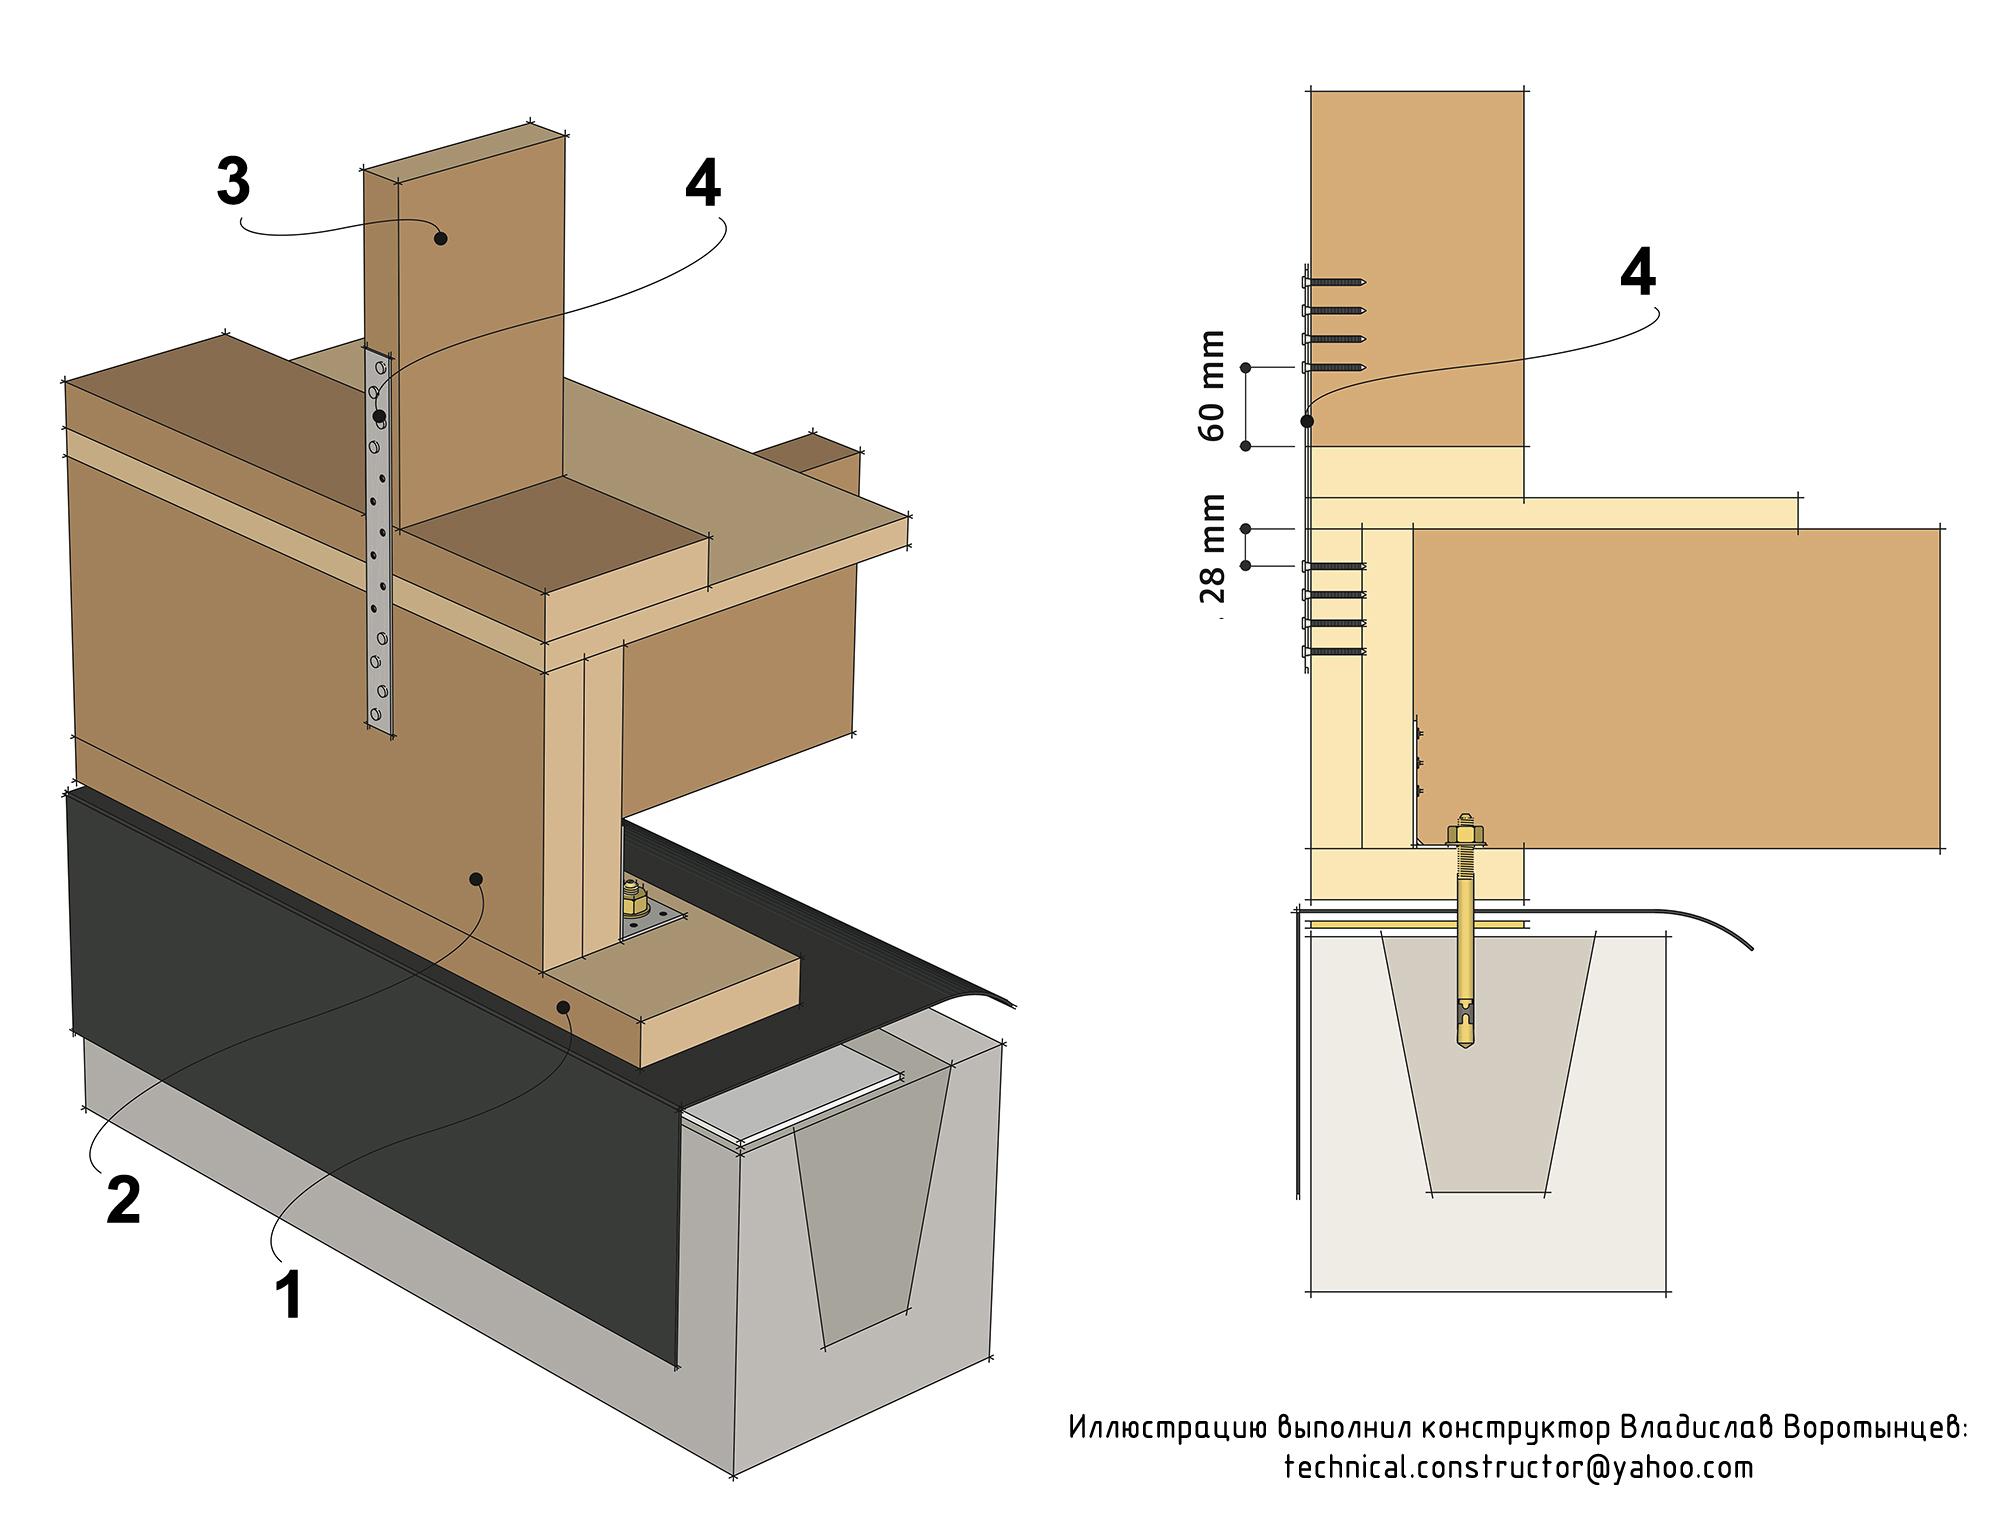 Рис. 9.34 Анкеровка деревянных каркасных стен к цокольному перекрытию с помощью стальных перфорированных лент. Анкеровка деревянных каркасных стен к каркасу цокольного перекрытия